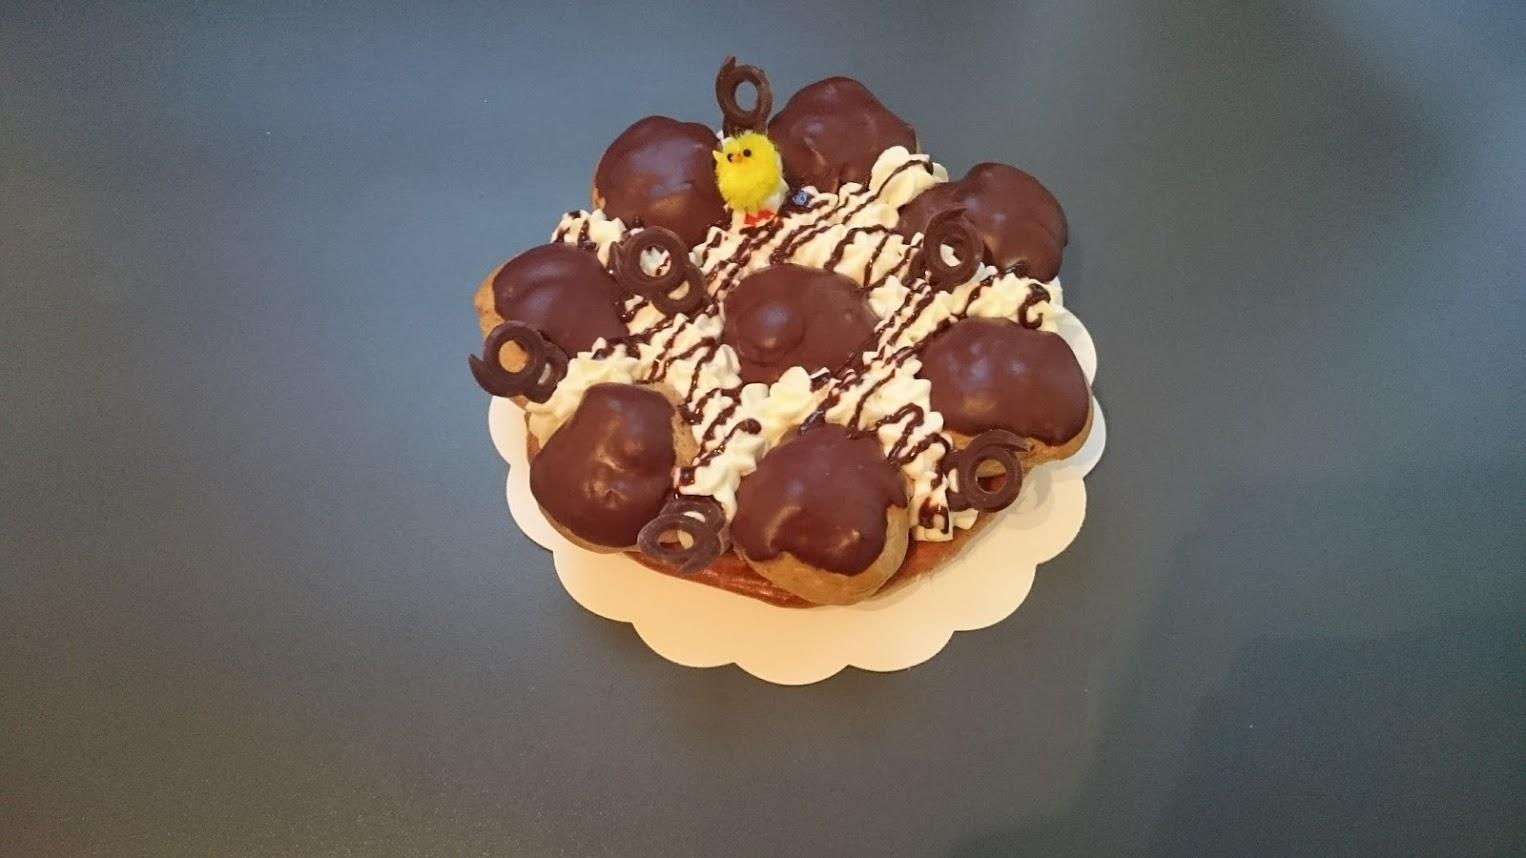 St Honoré au chocolat